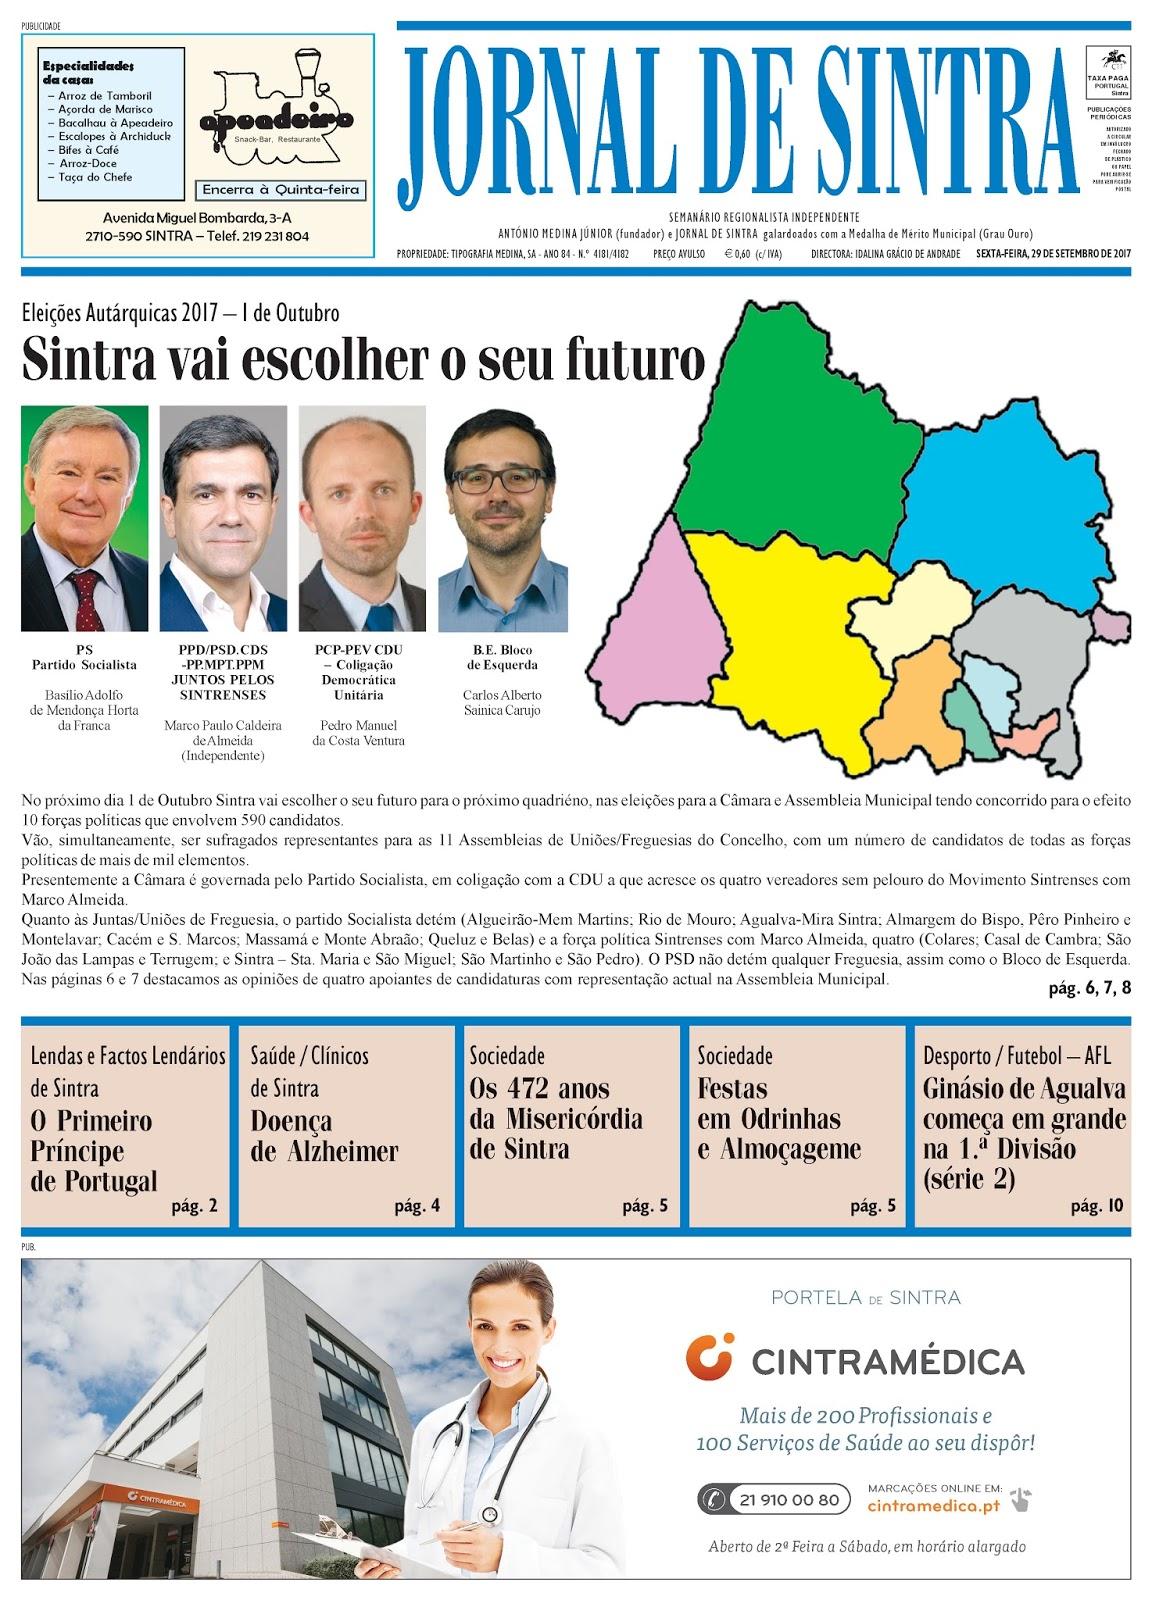 Capa da edição de 29-09-2017